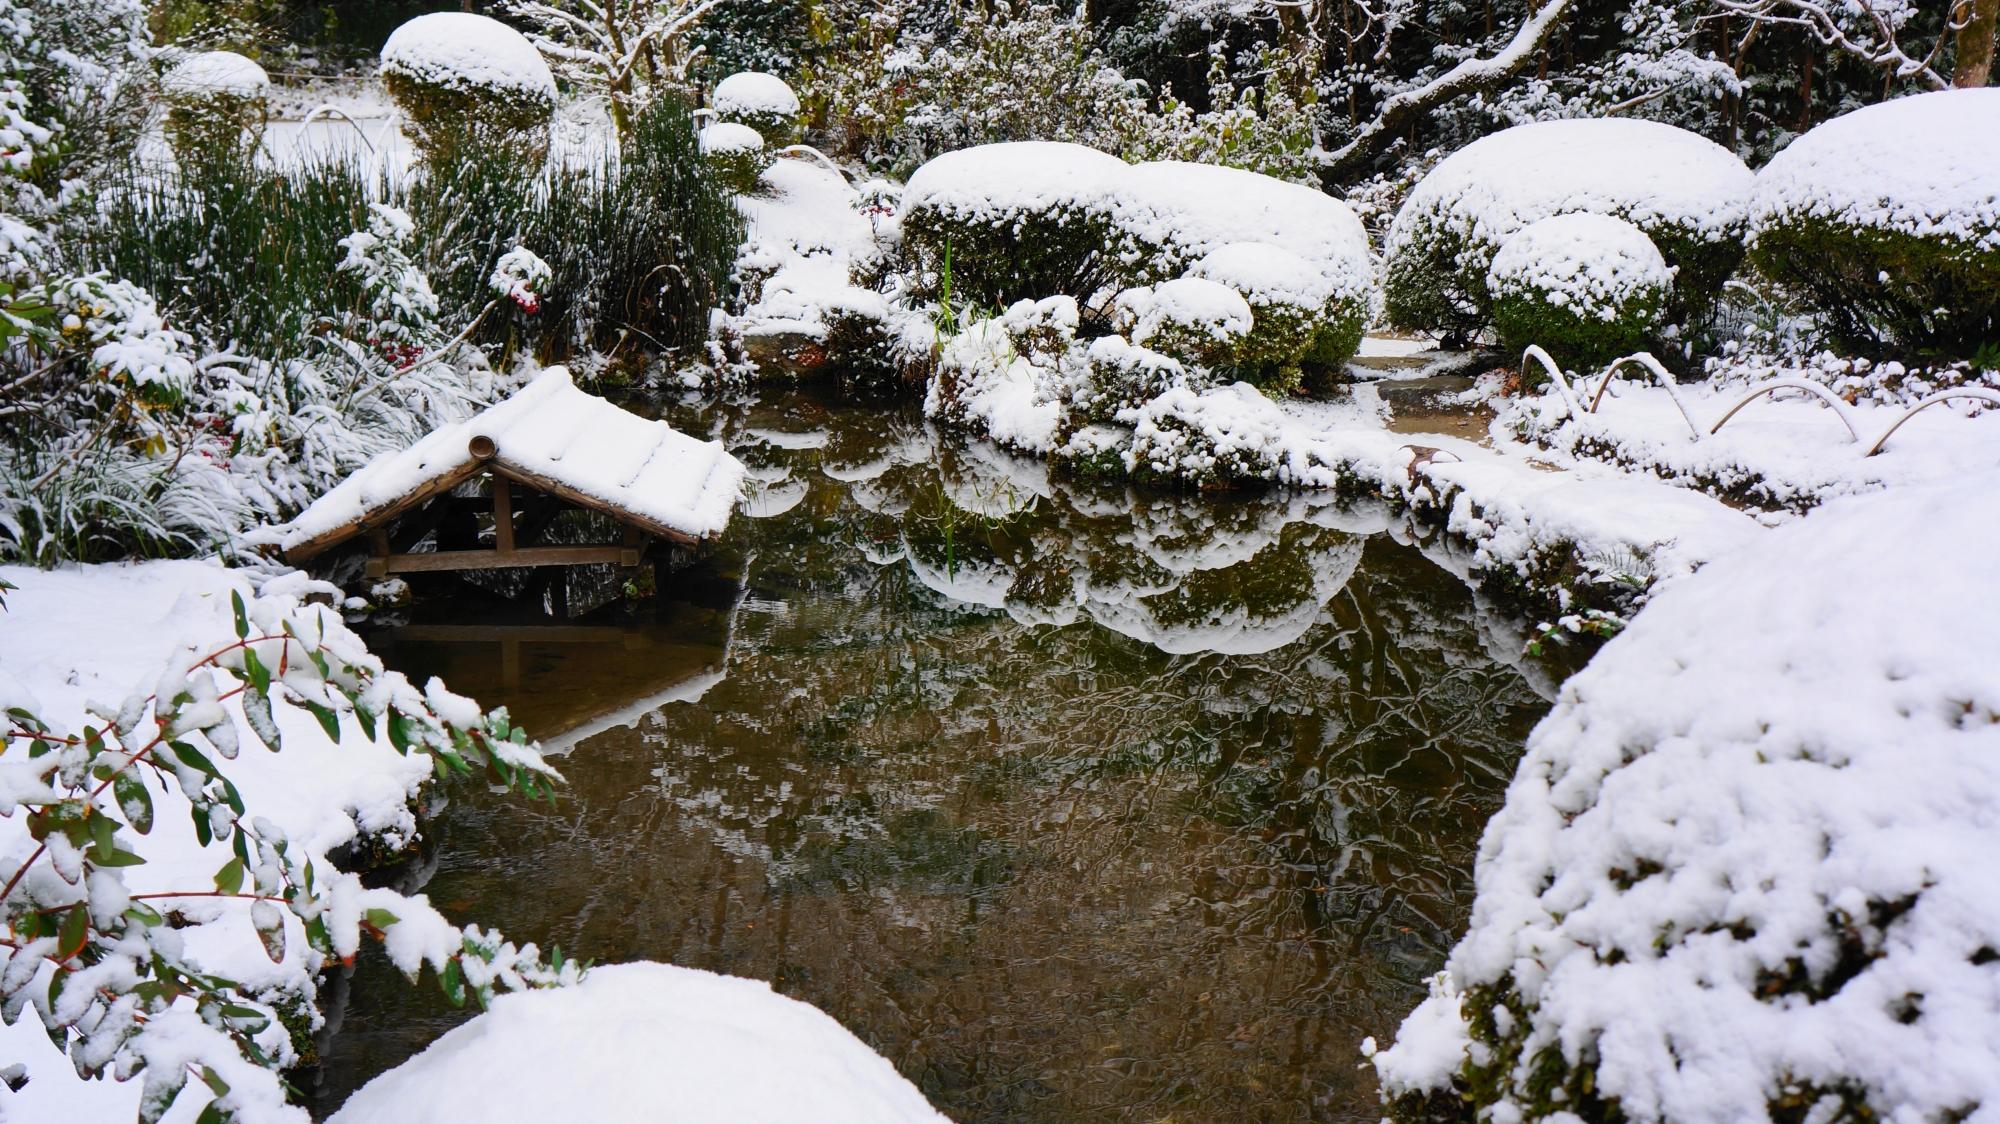 詩仙堂の雪につつまれた池